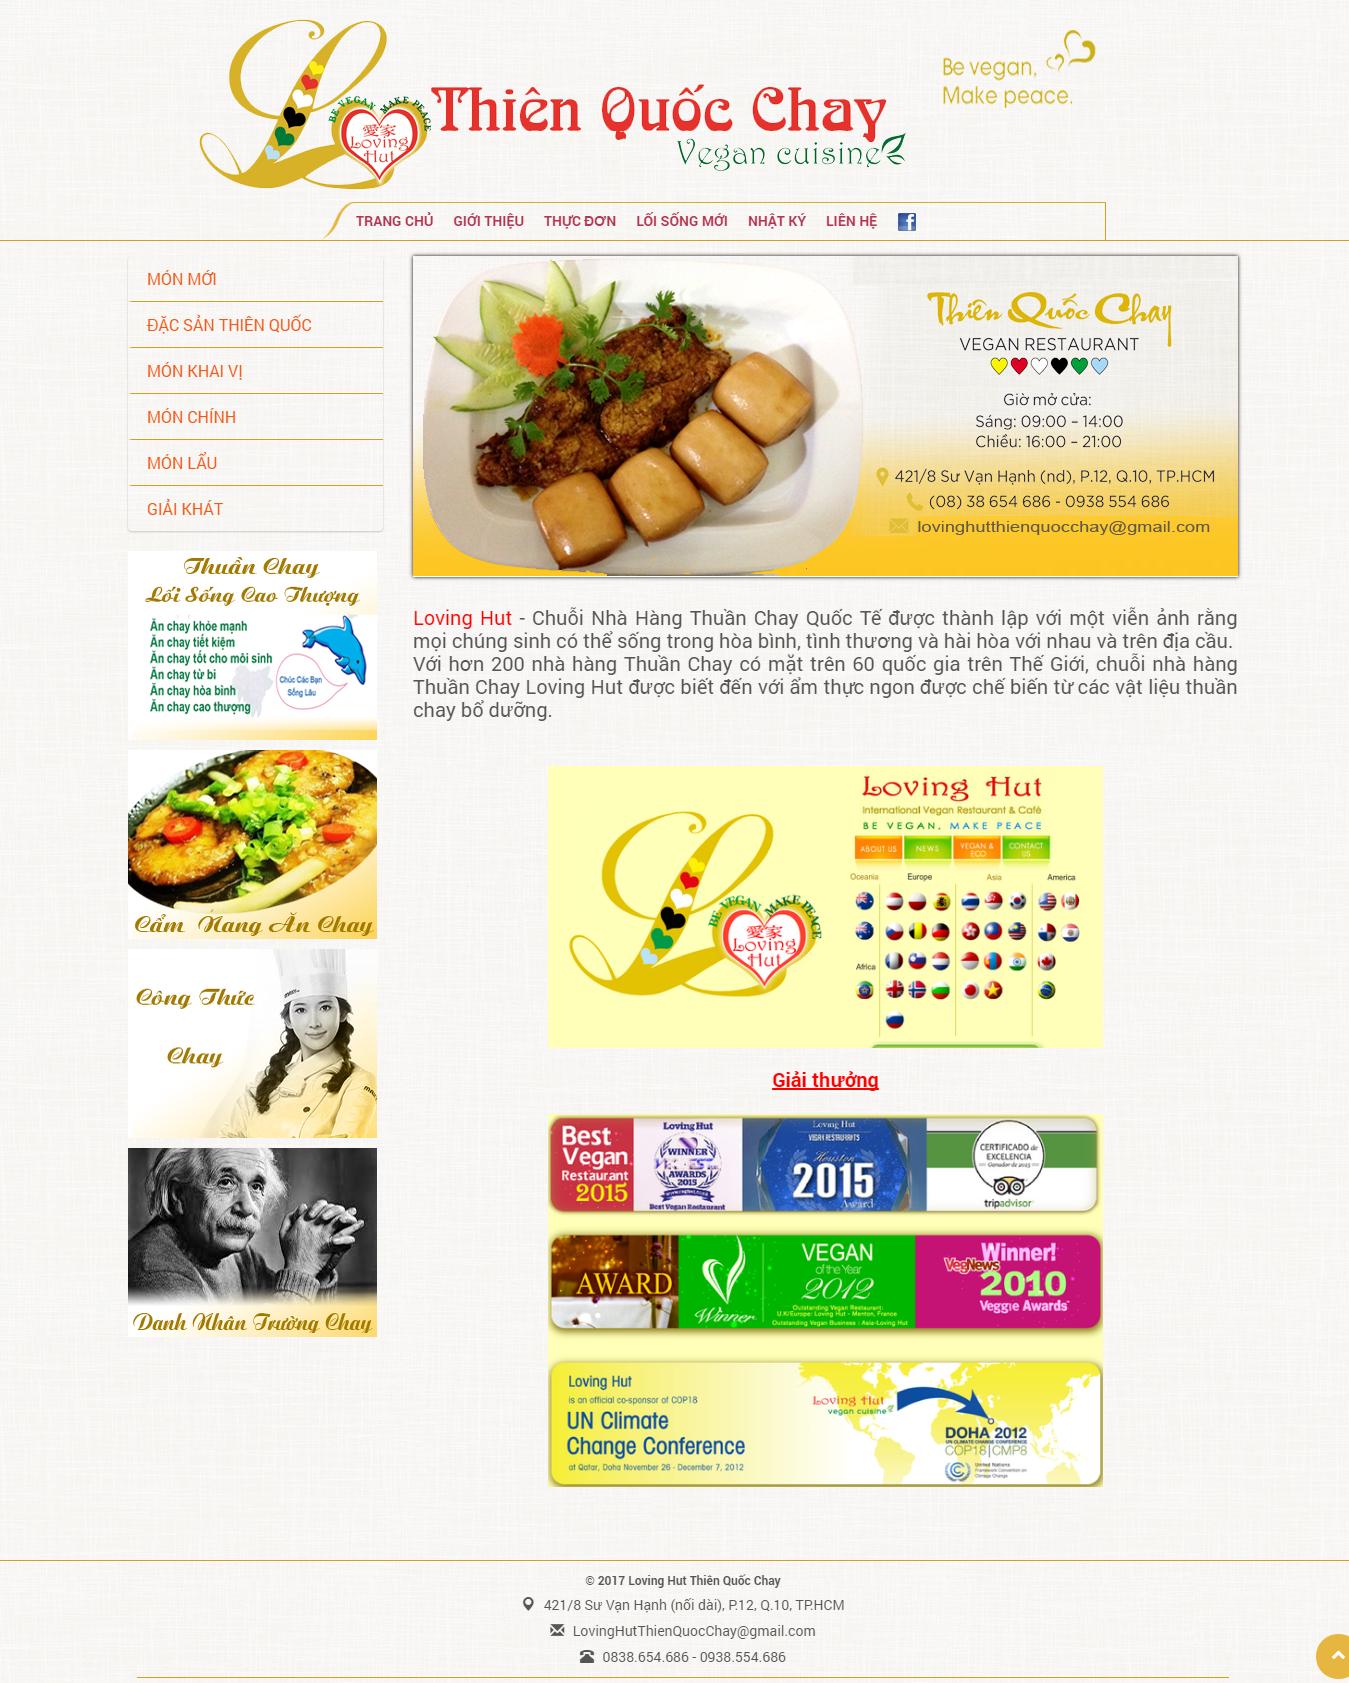 Nhà Hàng Thiên Quốc Chay - Loving Hut Thiên Quốc Chay (1)